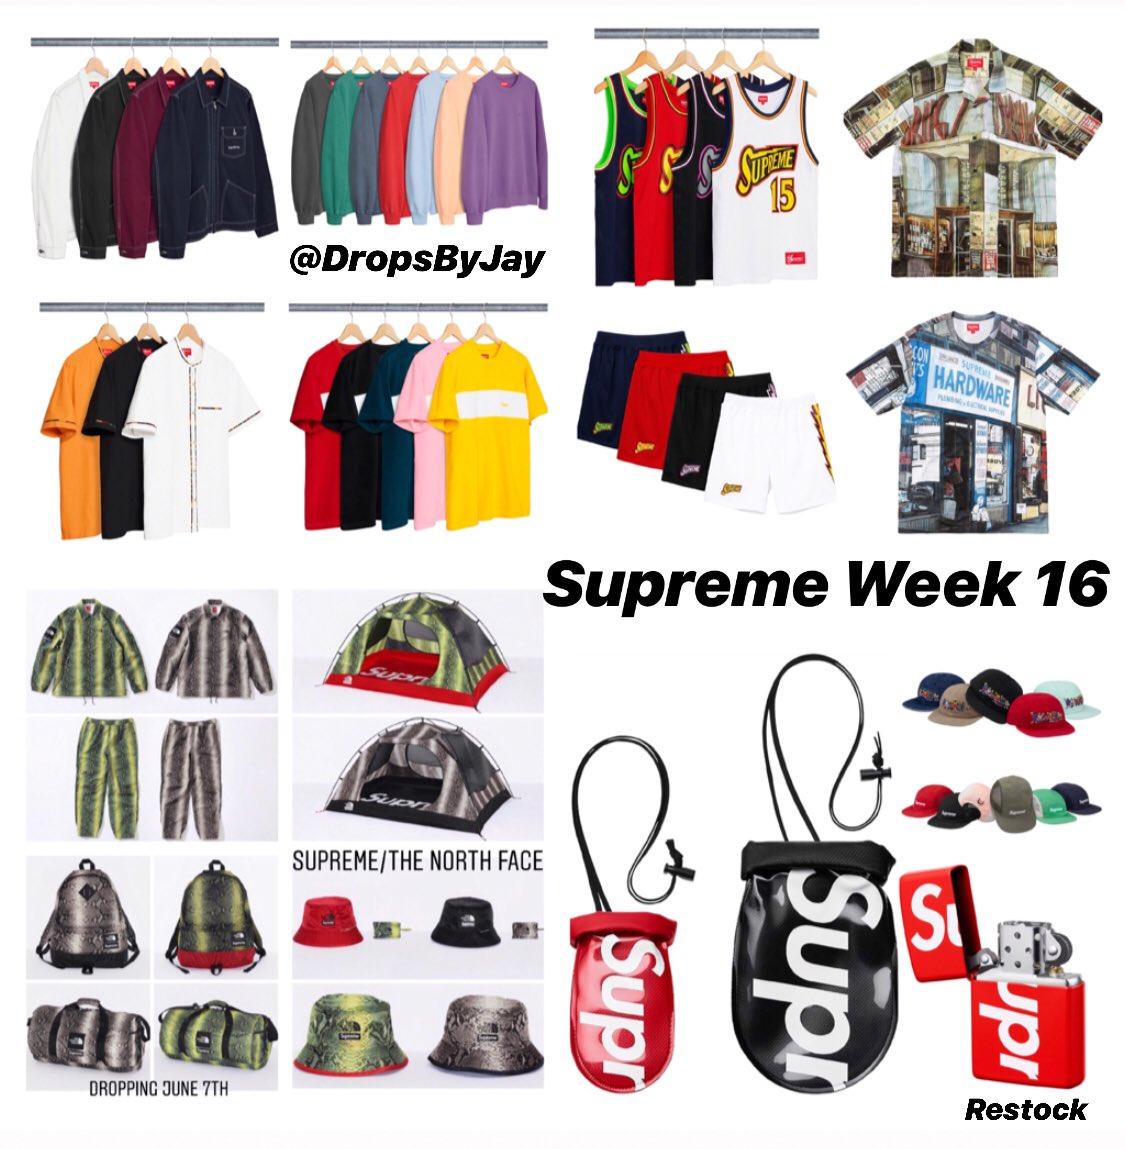 Supreme Week 16